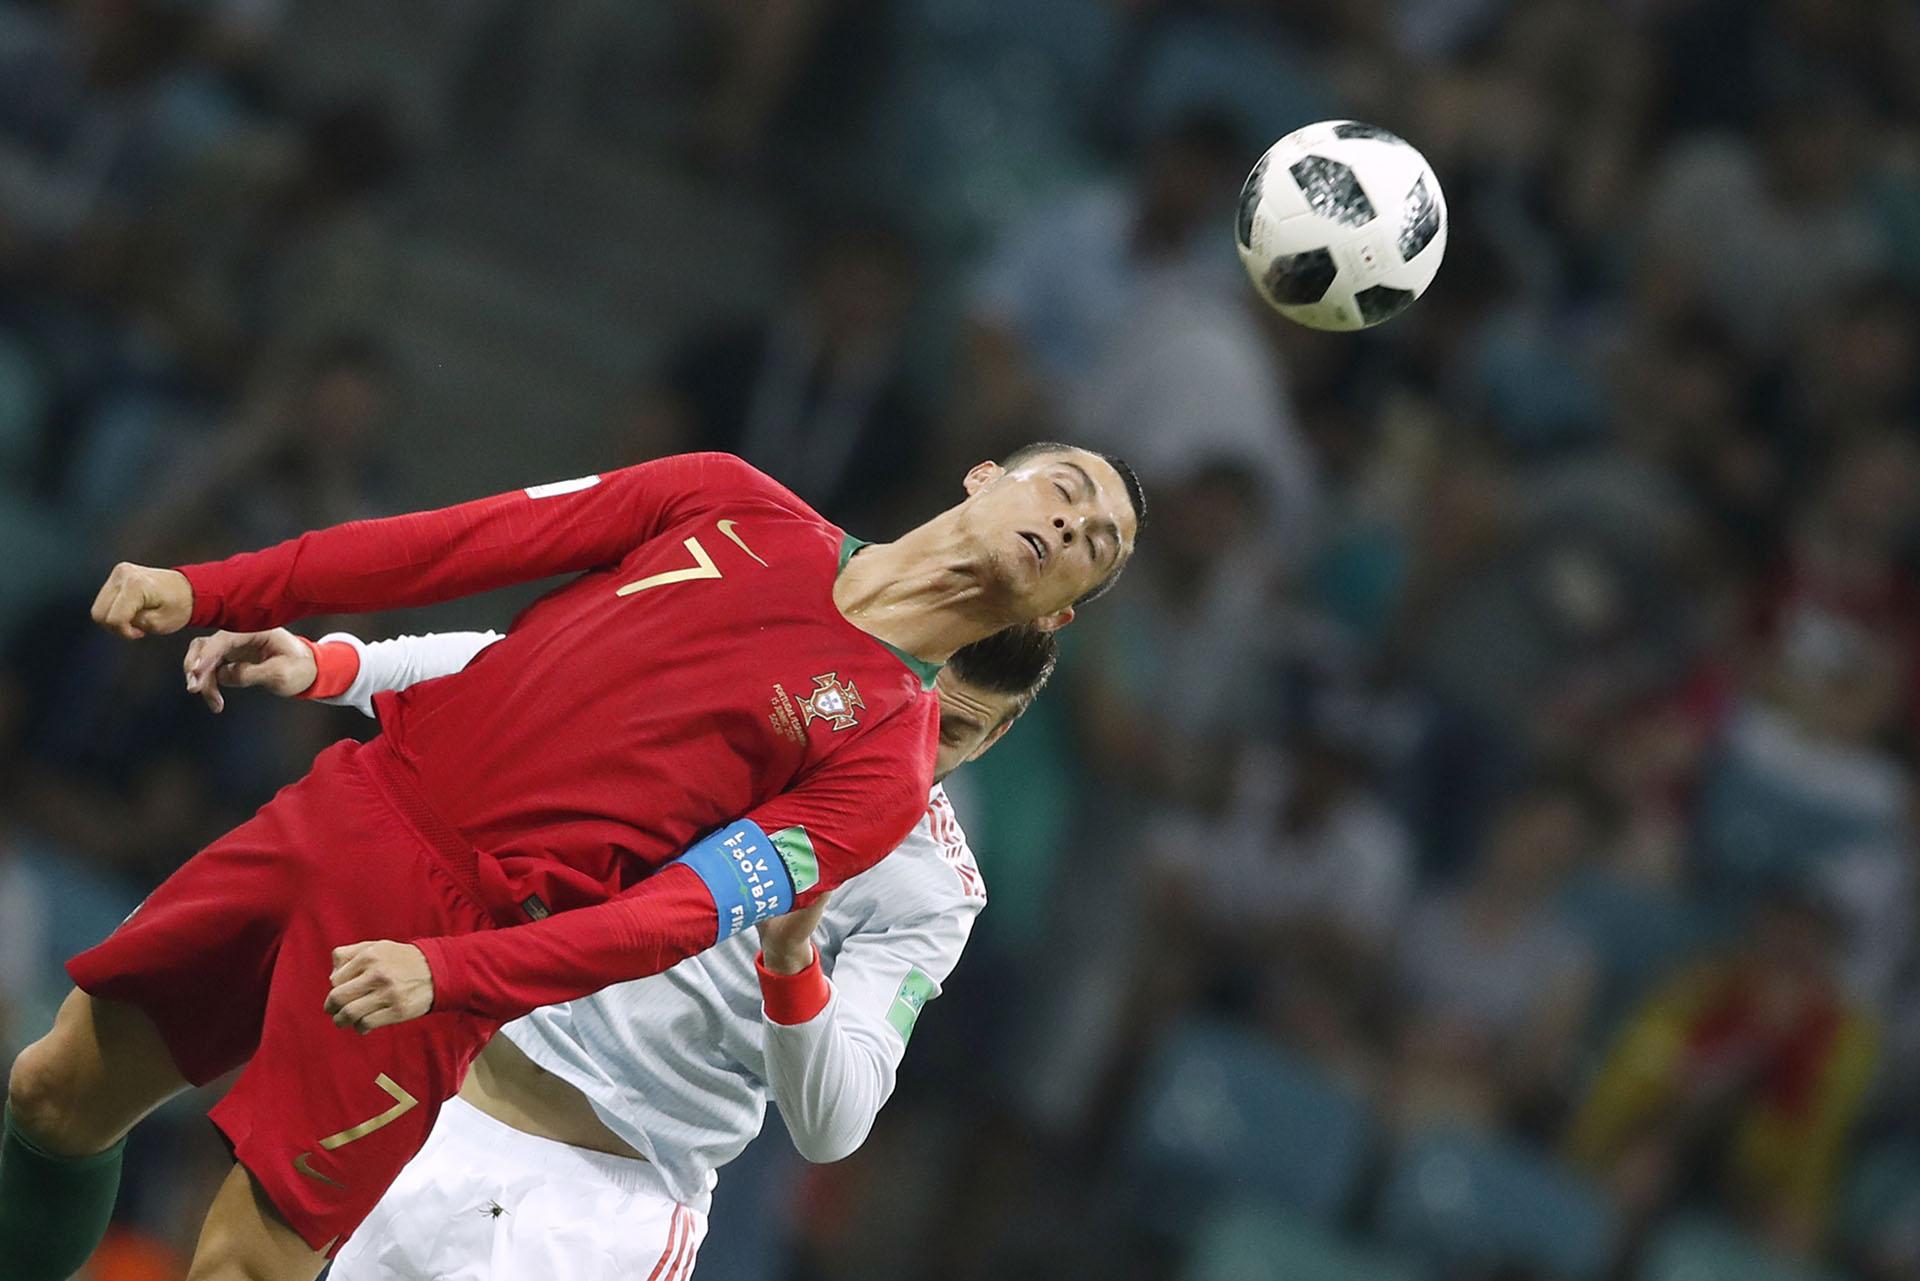 El portugués Cristiano Ronaldo anticipa de cabeza al español Gerard Piqué durante el partidazo del debut